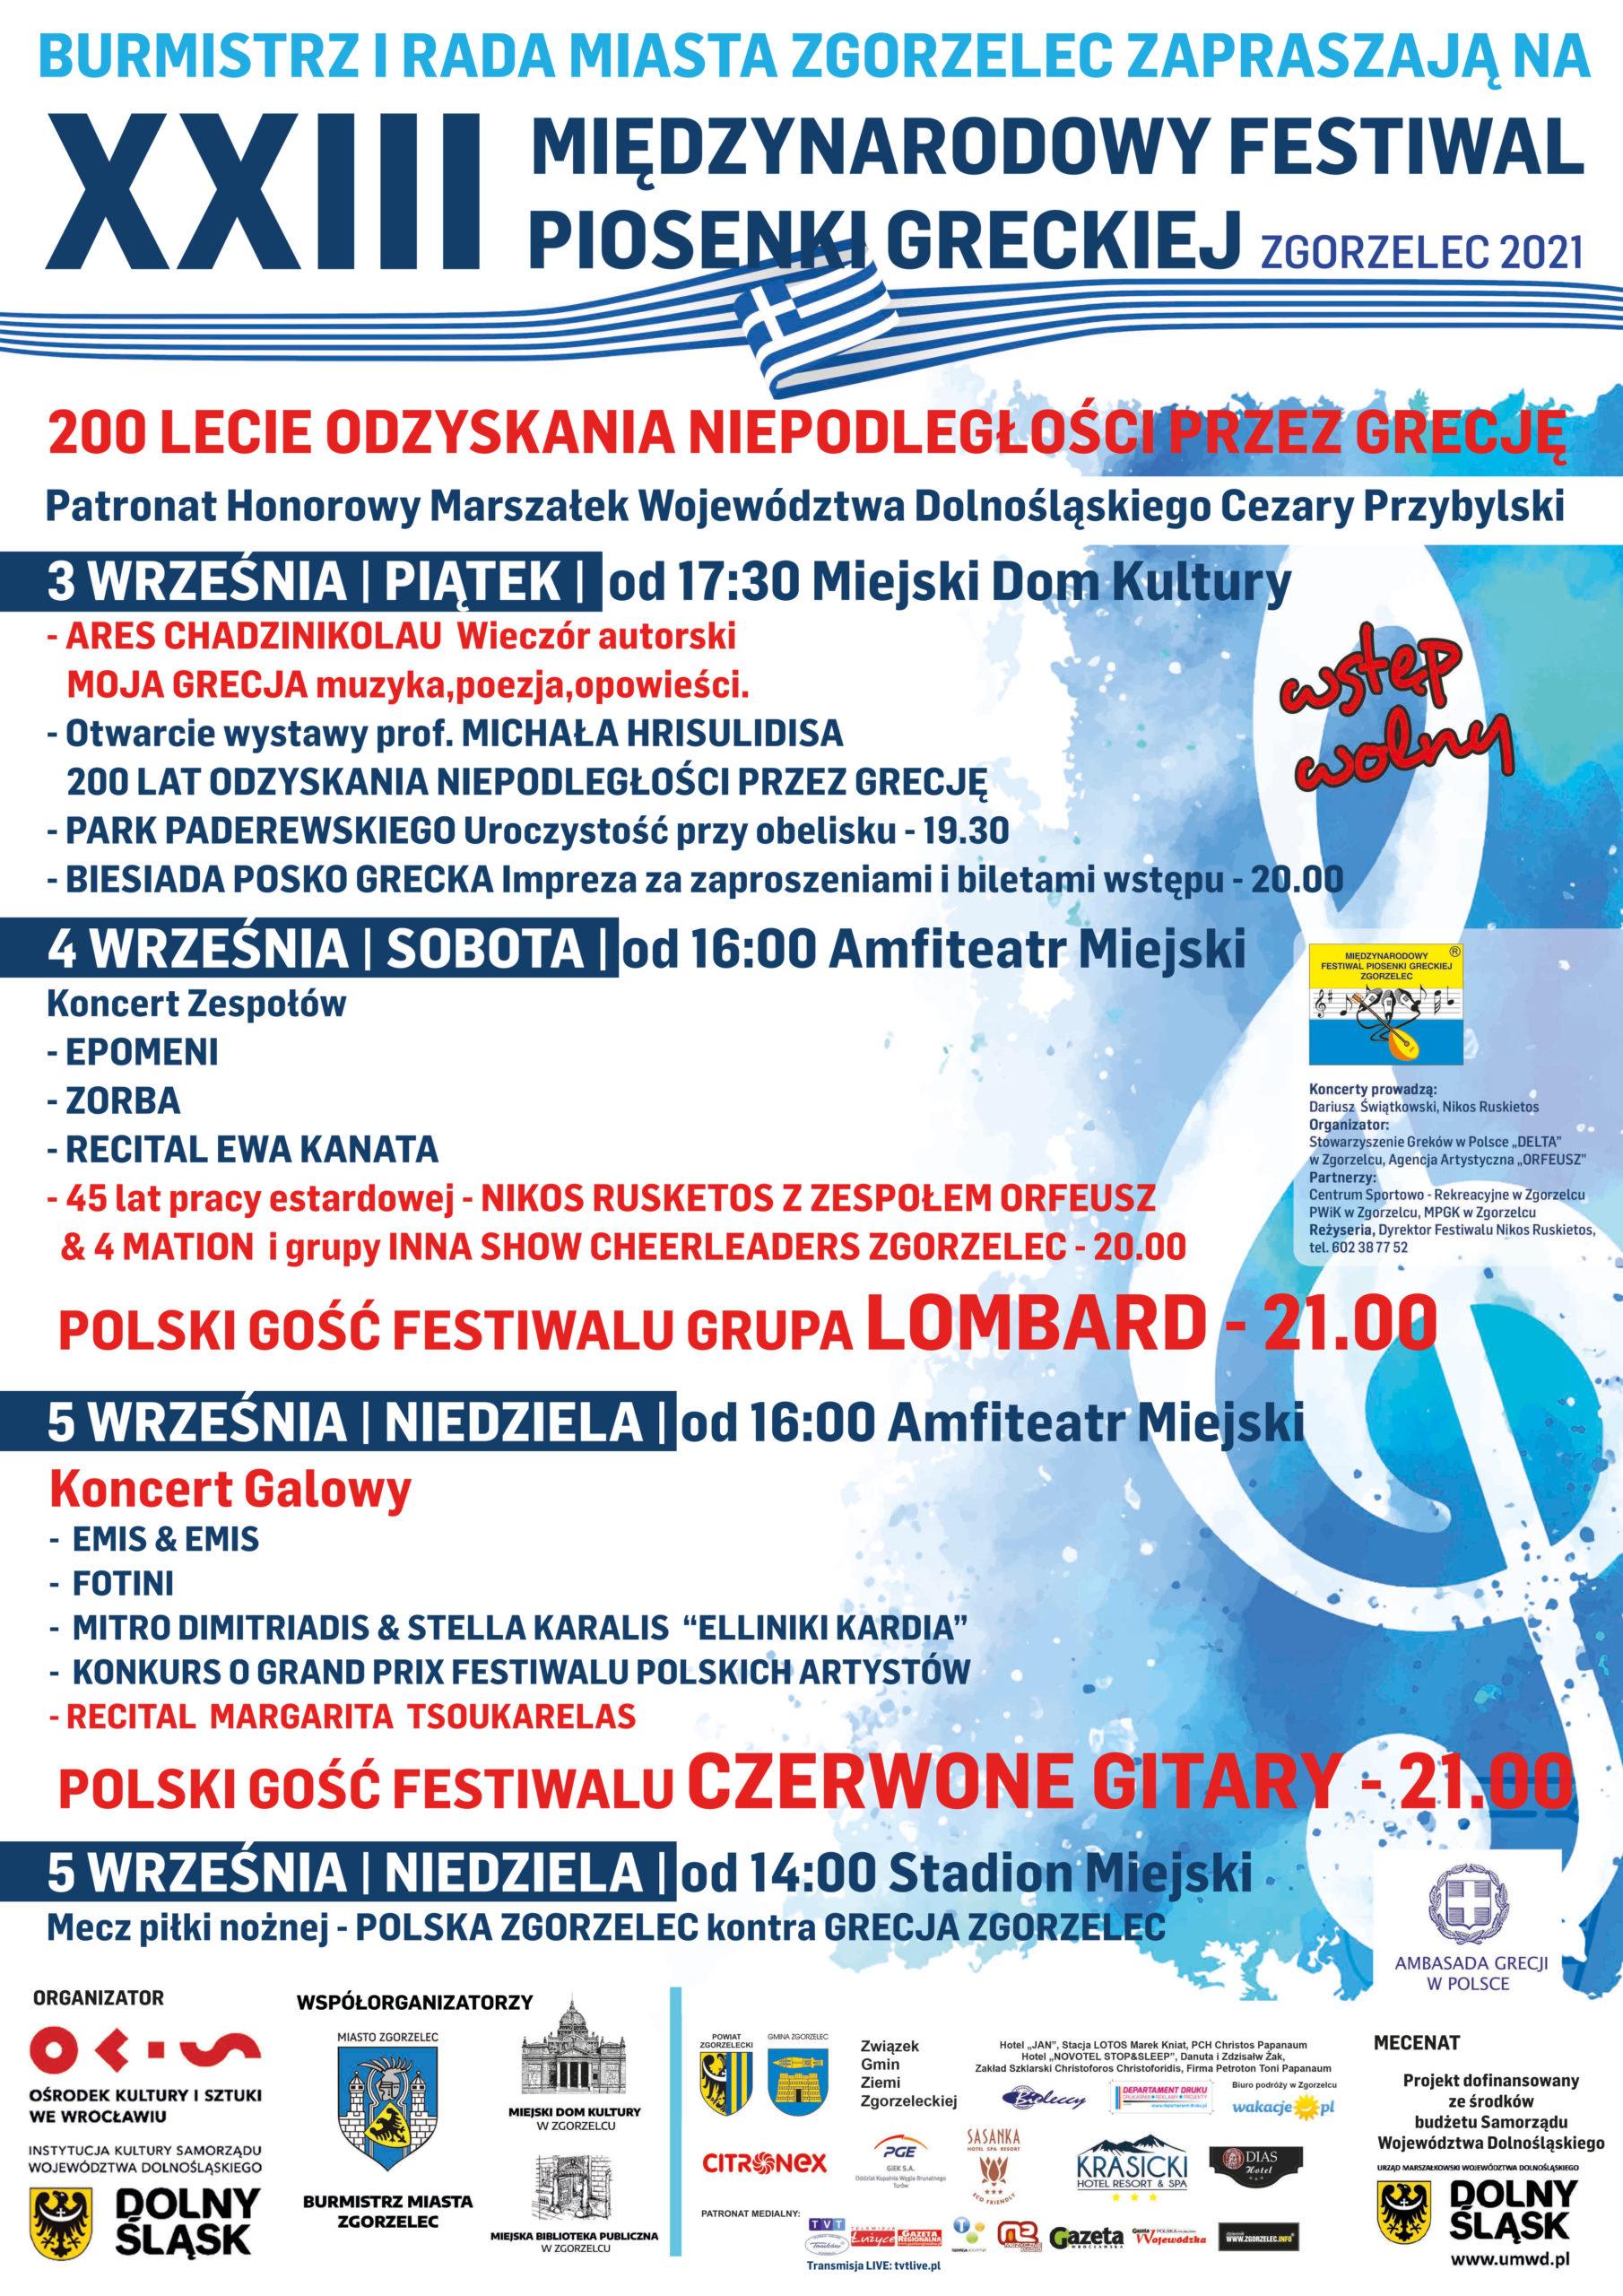 XXIII Międzynarodowy Festiwal Piosenki Greckiej